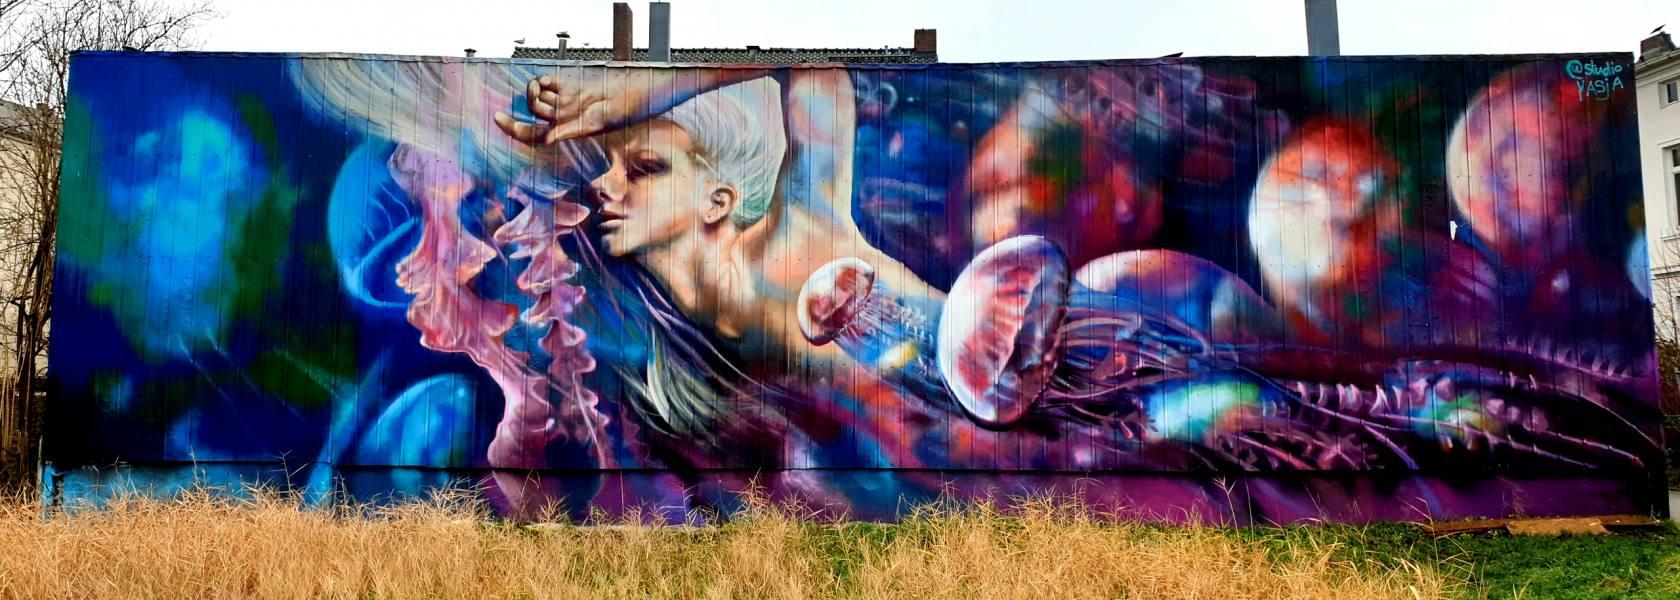 Mural Yasja, © Michael Diers